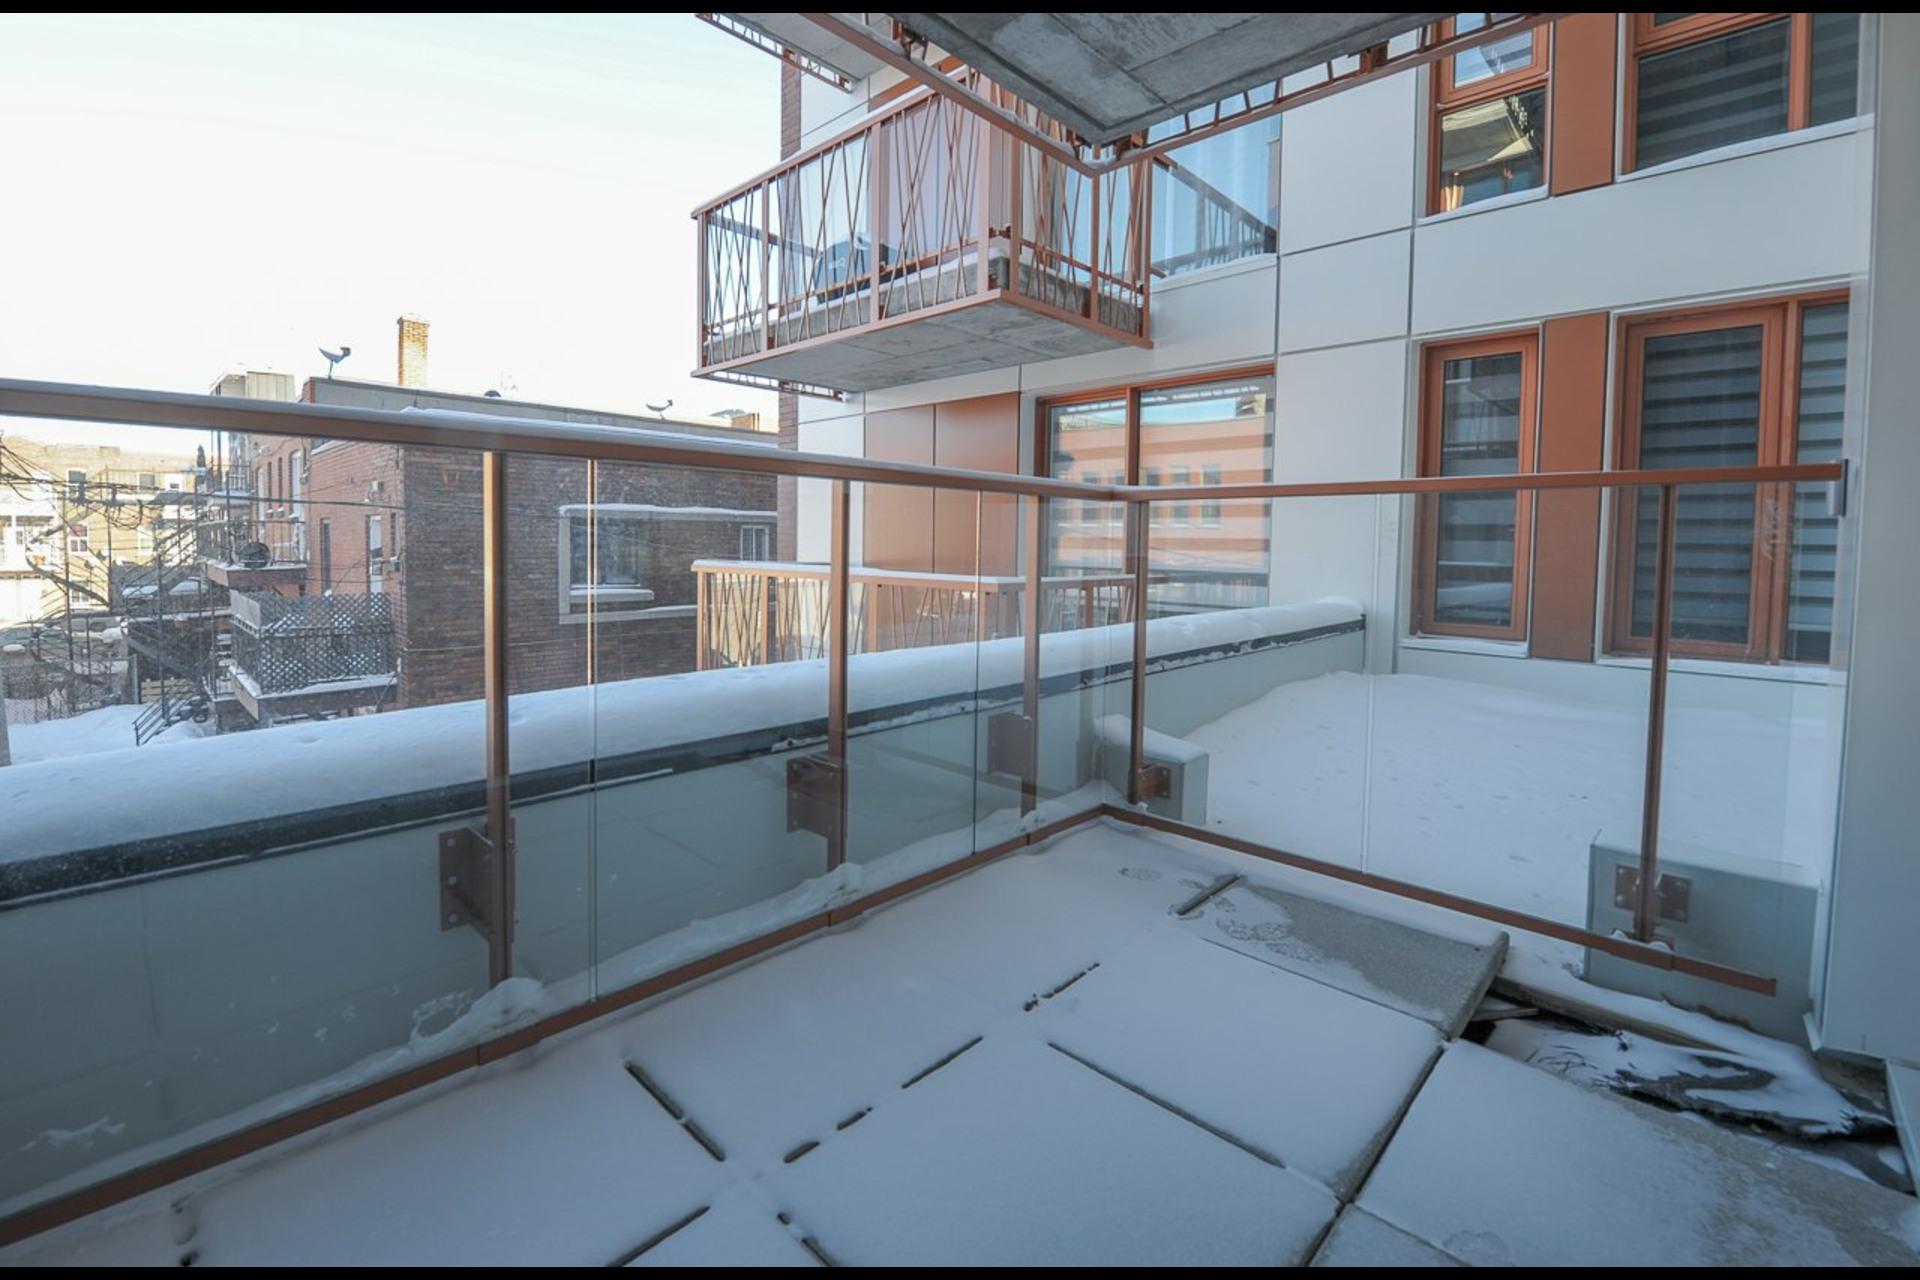 image 12 - Appartement À louer Montréal Rosemont/La Petite-Patrie  - 4 pièces